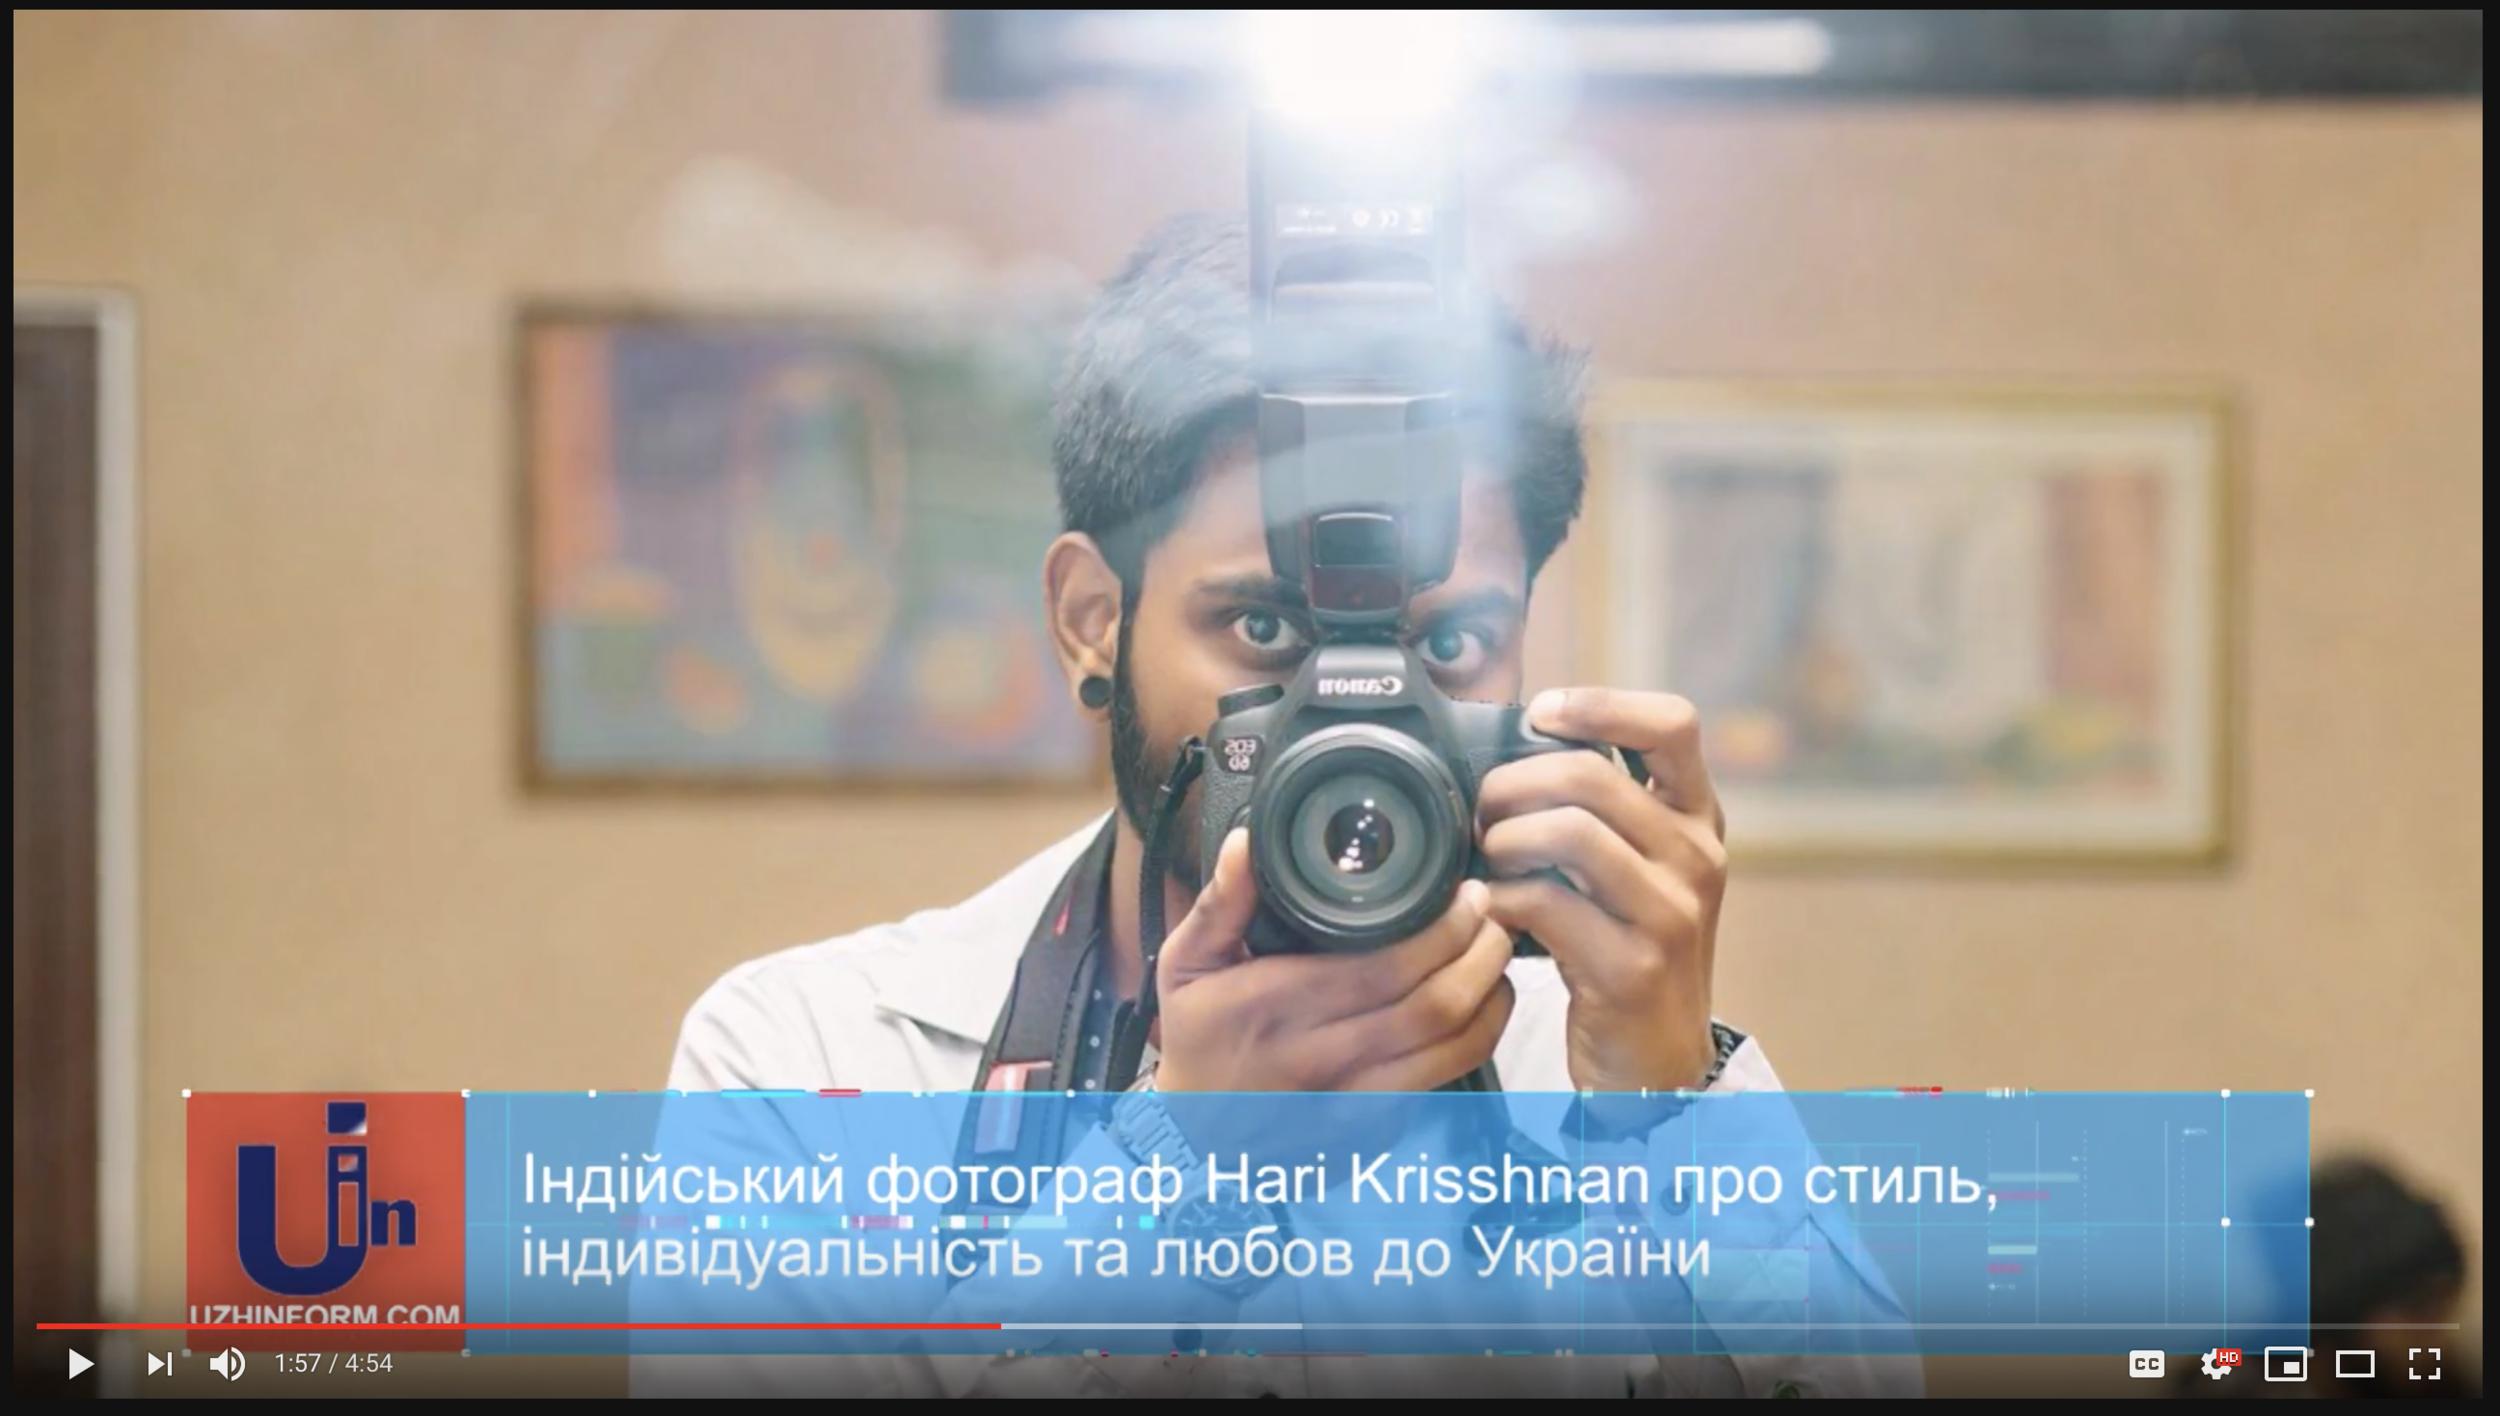 Uzhinform.com - Фотографія – це мистецтво, вміння побачити те, чого ми часто не помічаємо навколо себе. Харі Крішнан – бачить красу у всьому. Своє розуміння світу він передає саме через світлини.TO WATCH THE VIDEO, CLICK ON THE IMAGE.